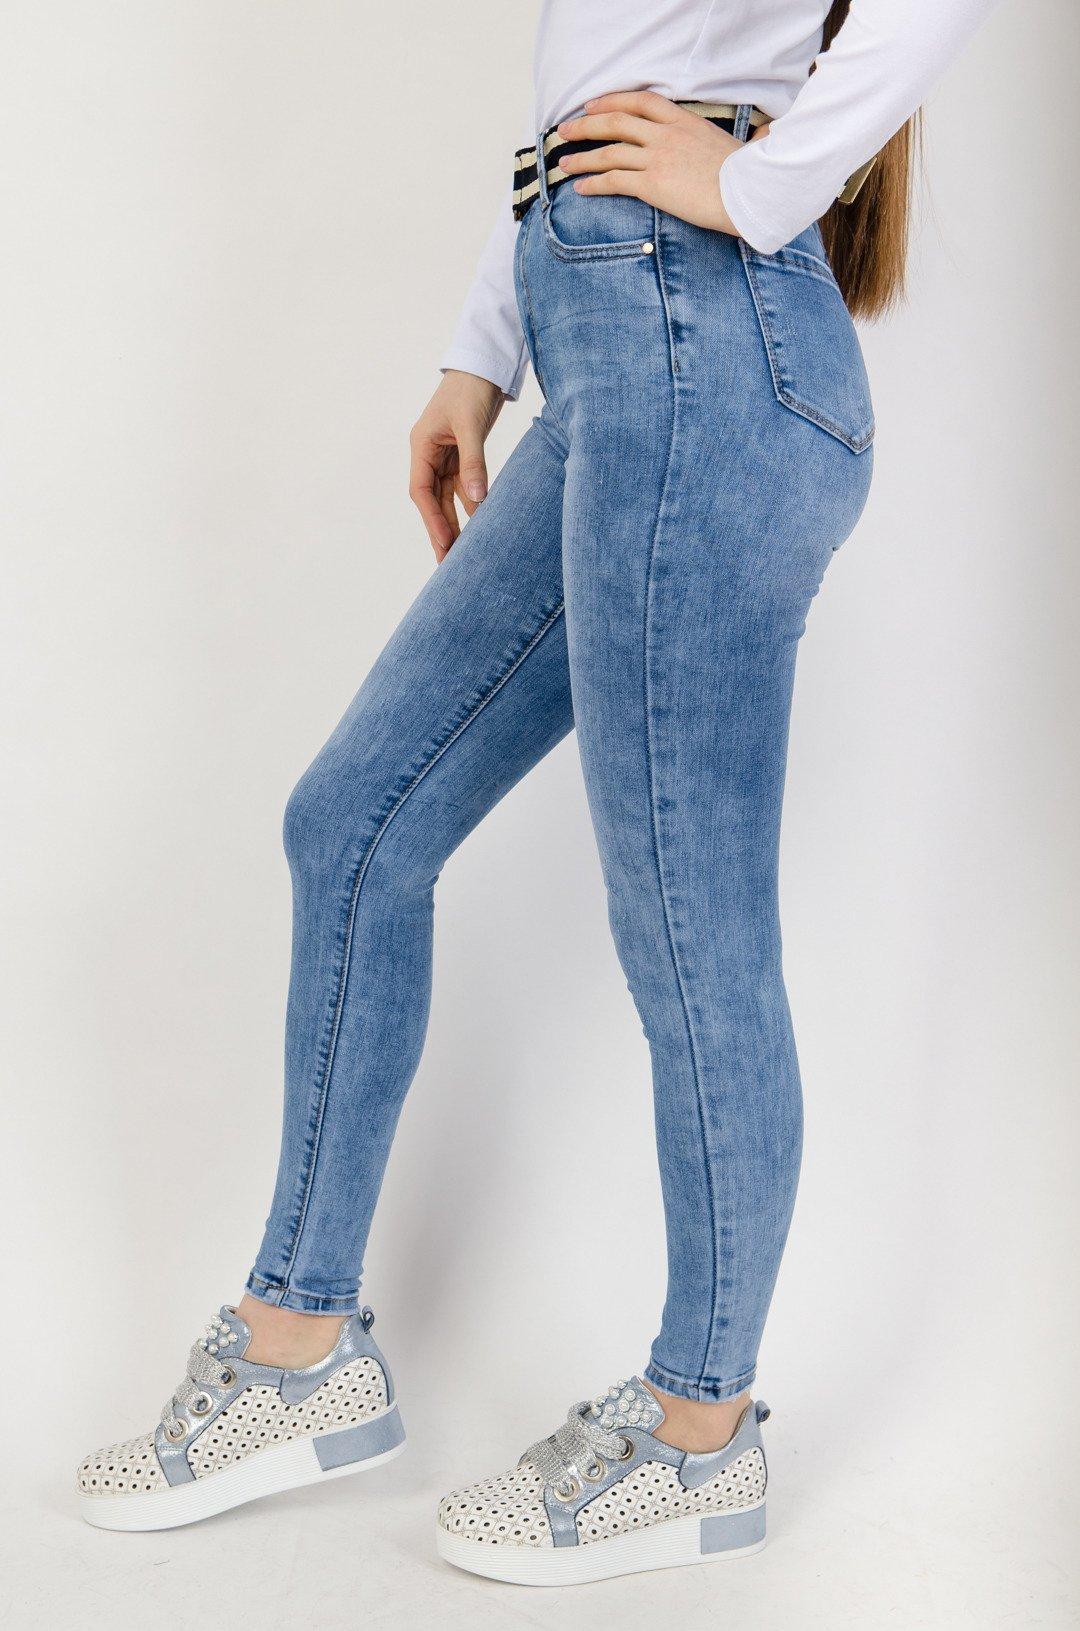 Jasne spodnie jeansowe z wysokim stanem + pasek